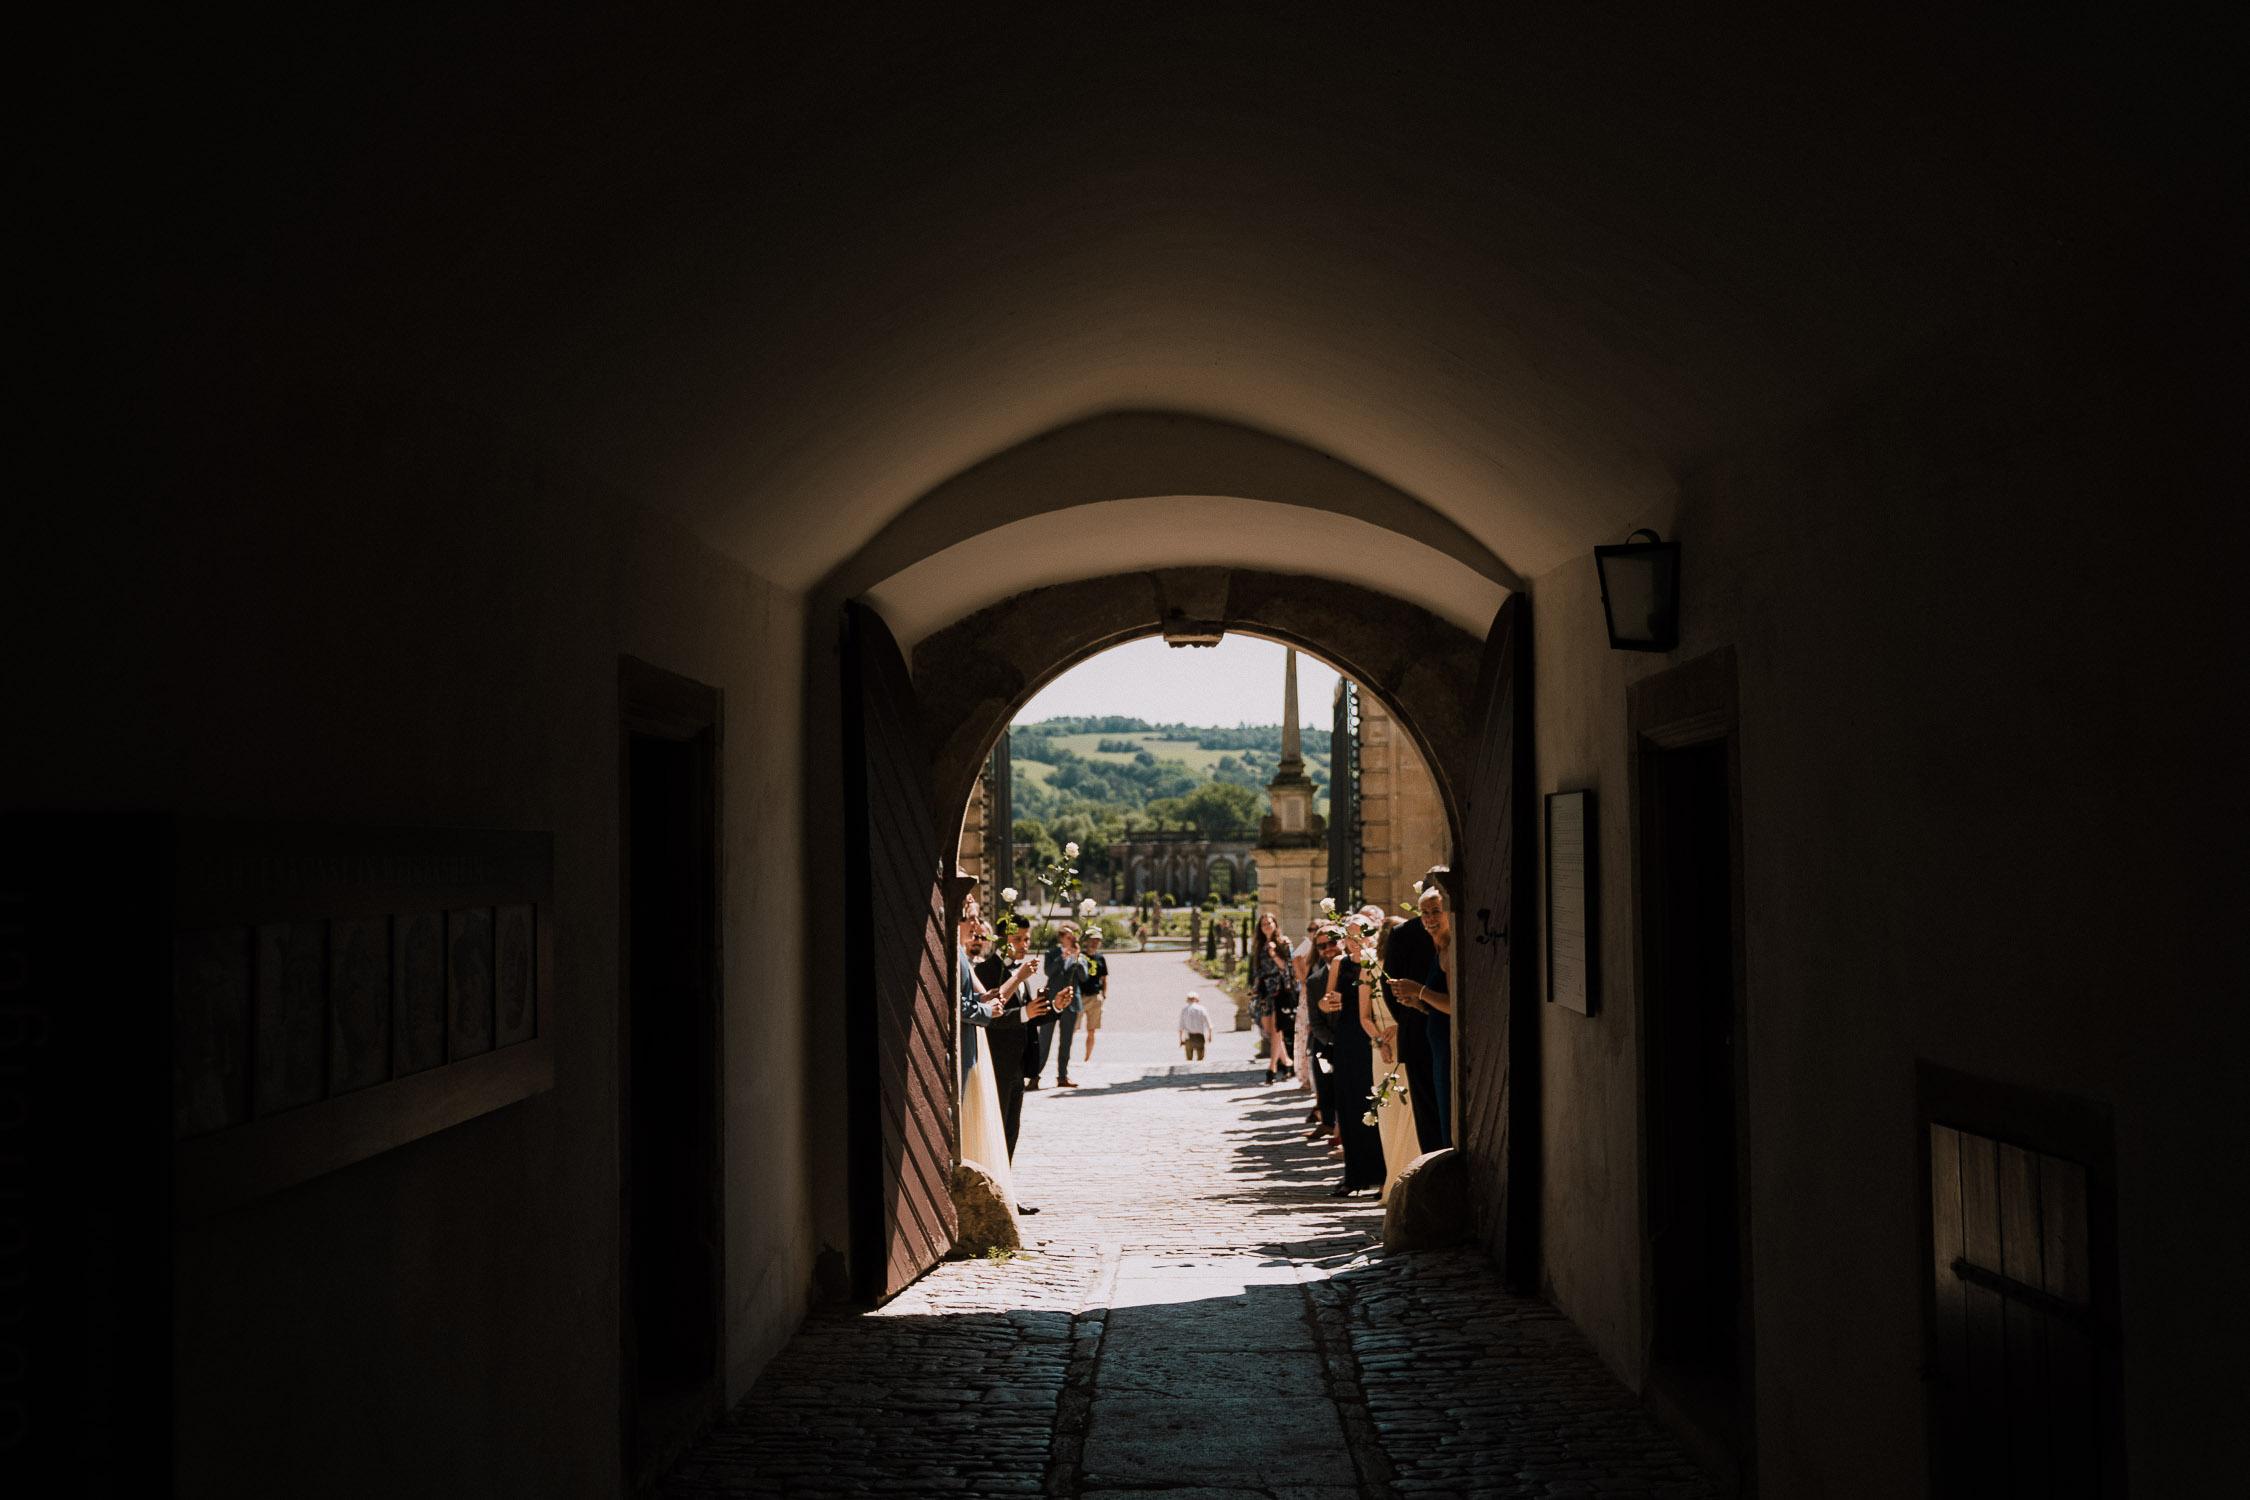 Der Hochzeitsfotograf Axel Link zeigt Bilder, die er als Fotograf auf einer Hochzeit im Schloss Weikersheim gemacht hat. Braut und Bräutigam mit Gäste bei der Trauung und Hochzeitsfeier.